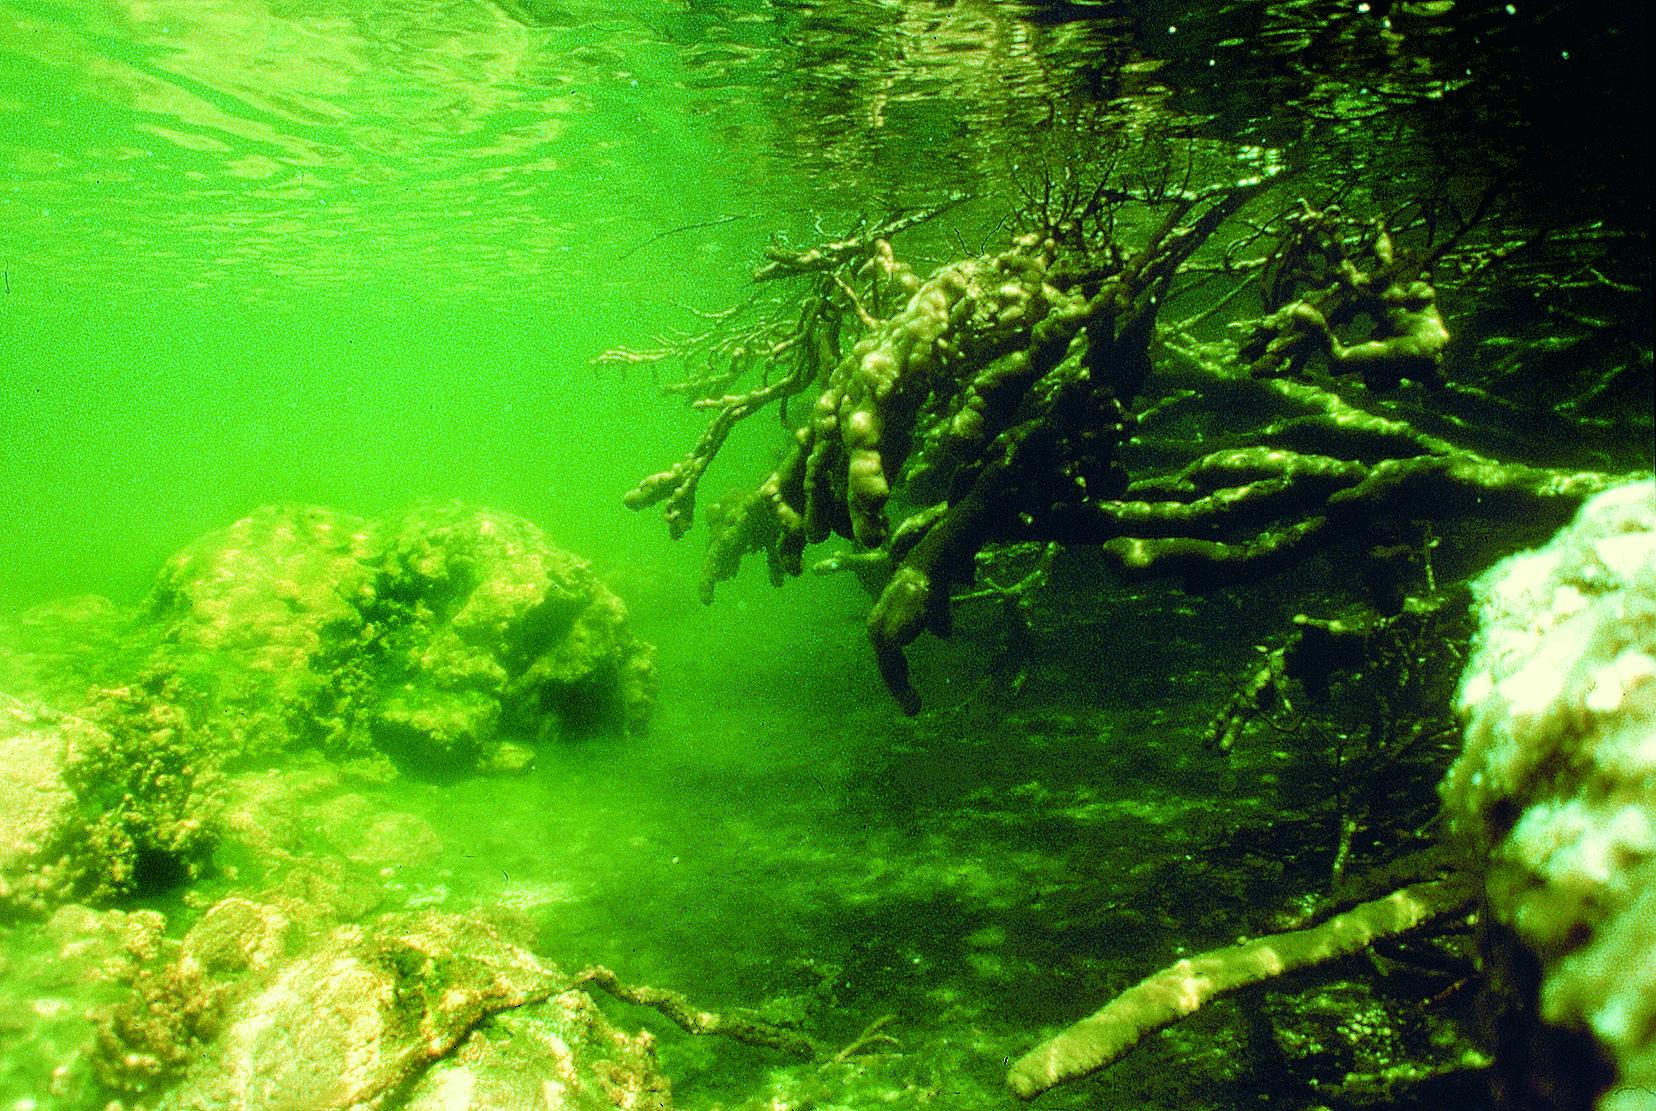 Enchevêtrement de racines de cocotiers recouvertes d'algues. Un décor de film fantastique.